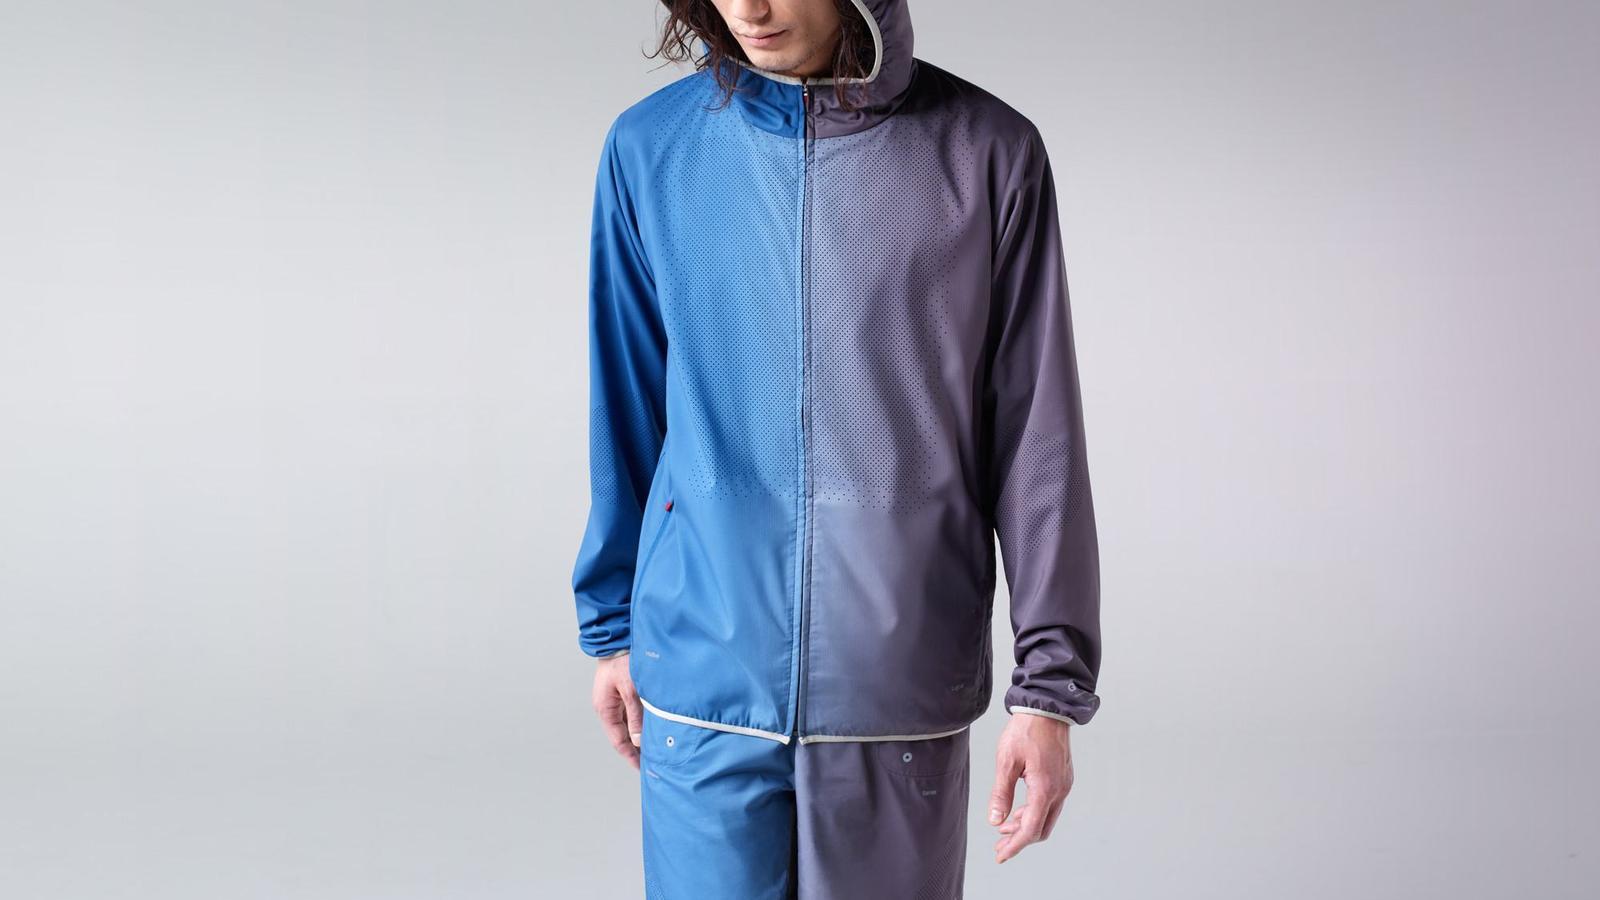 ss14_gyakusou-convertible_sweat_map_jacket-02